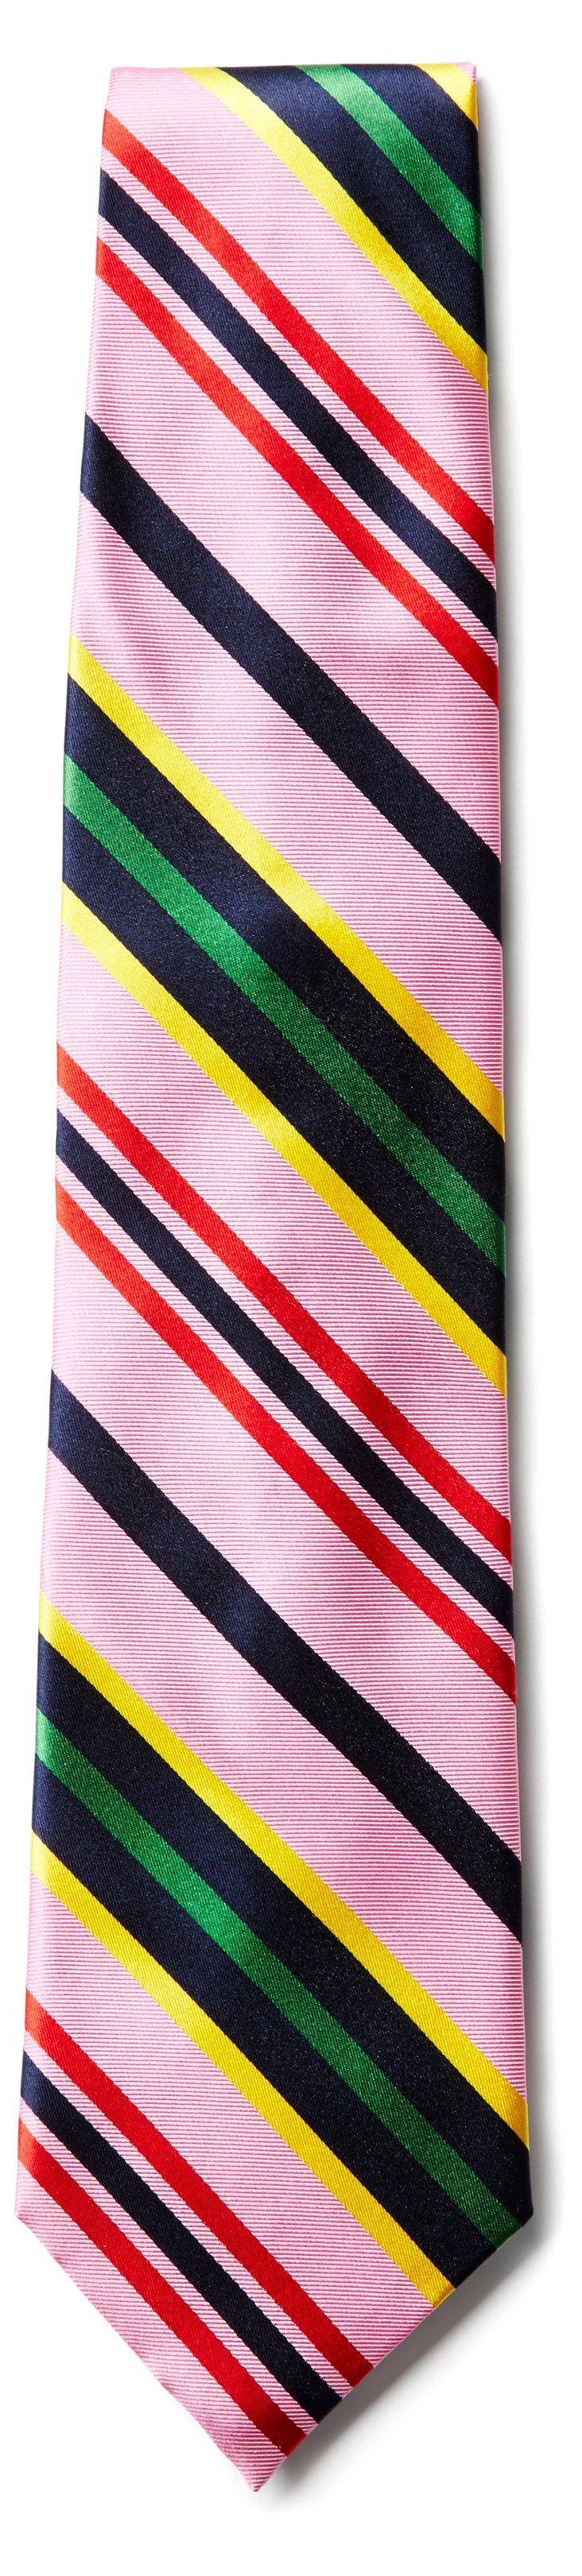 Bubble Gum Stripe Necktie